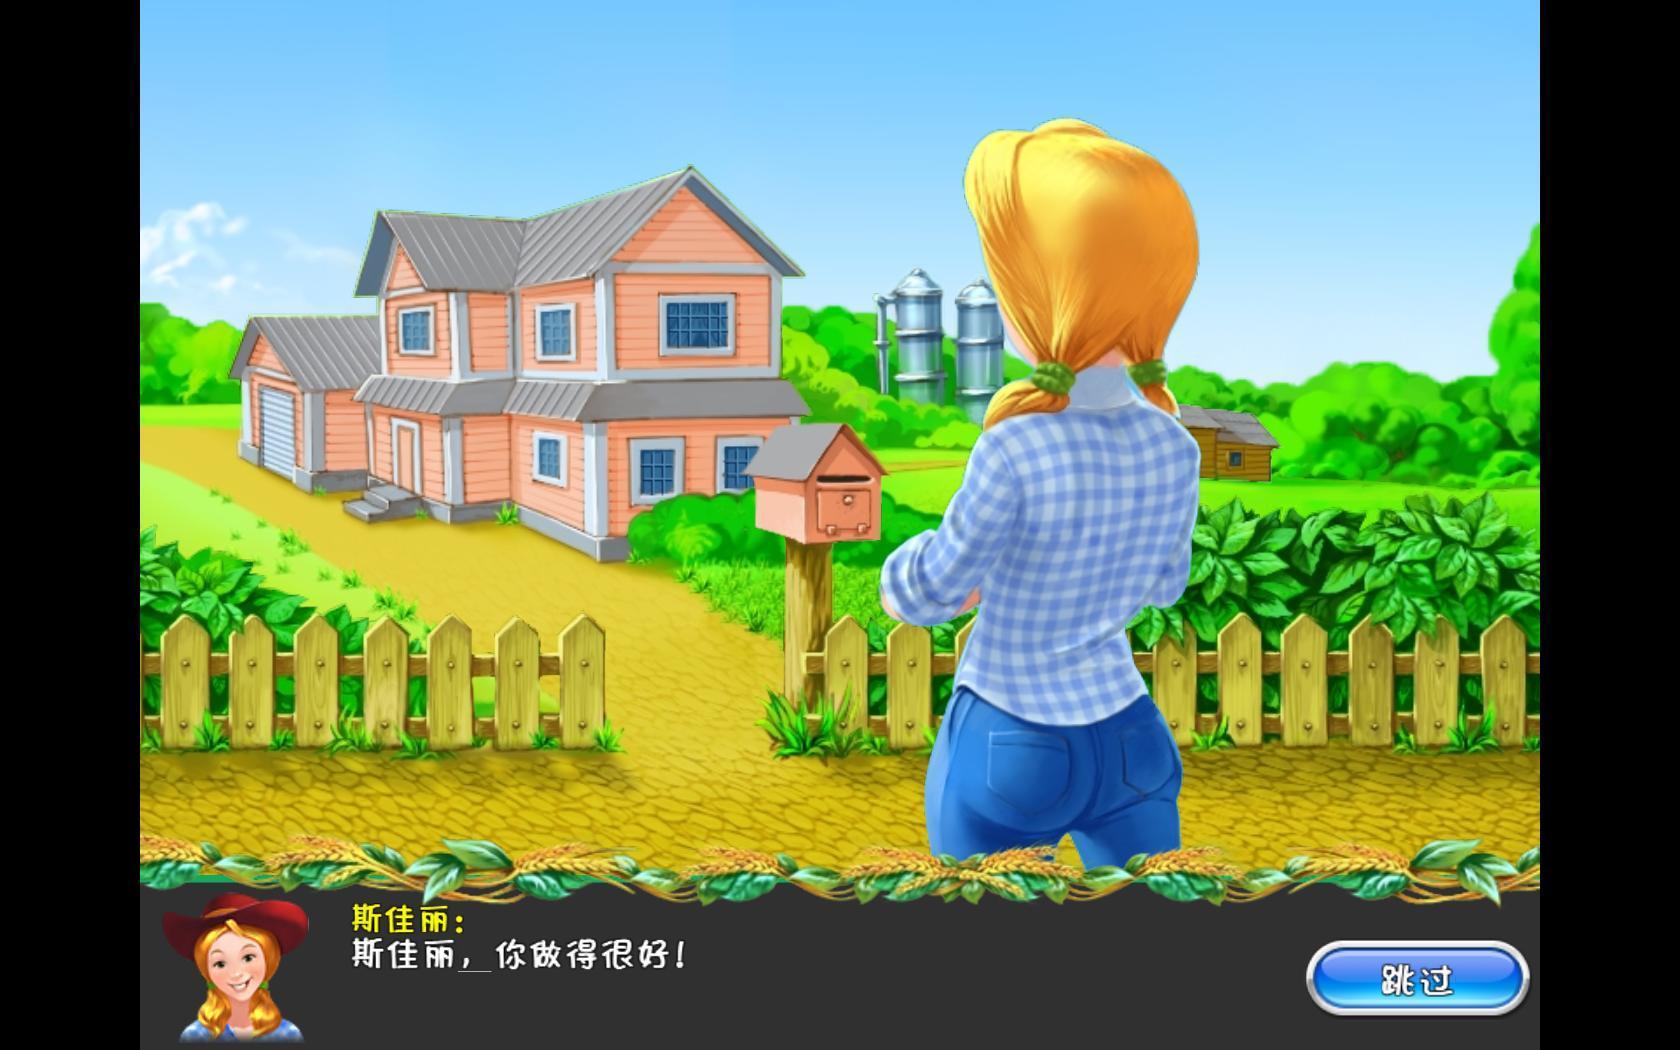 疯狂农场3游戏特色1